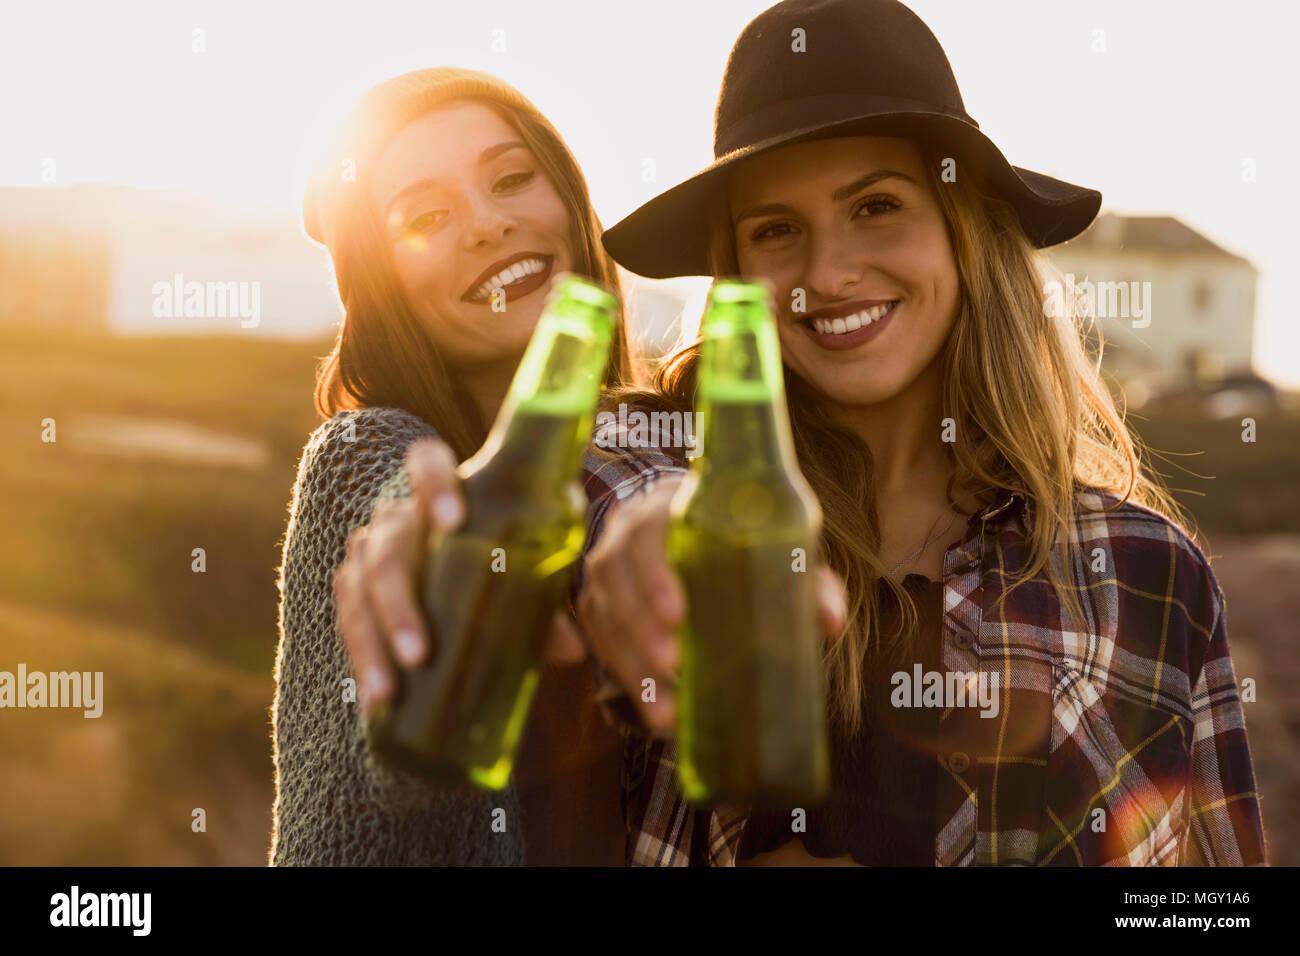 Deux meilleurs amis faire un toast à l'amitié Photo Stock